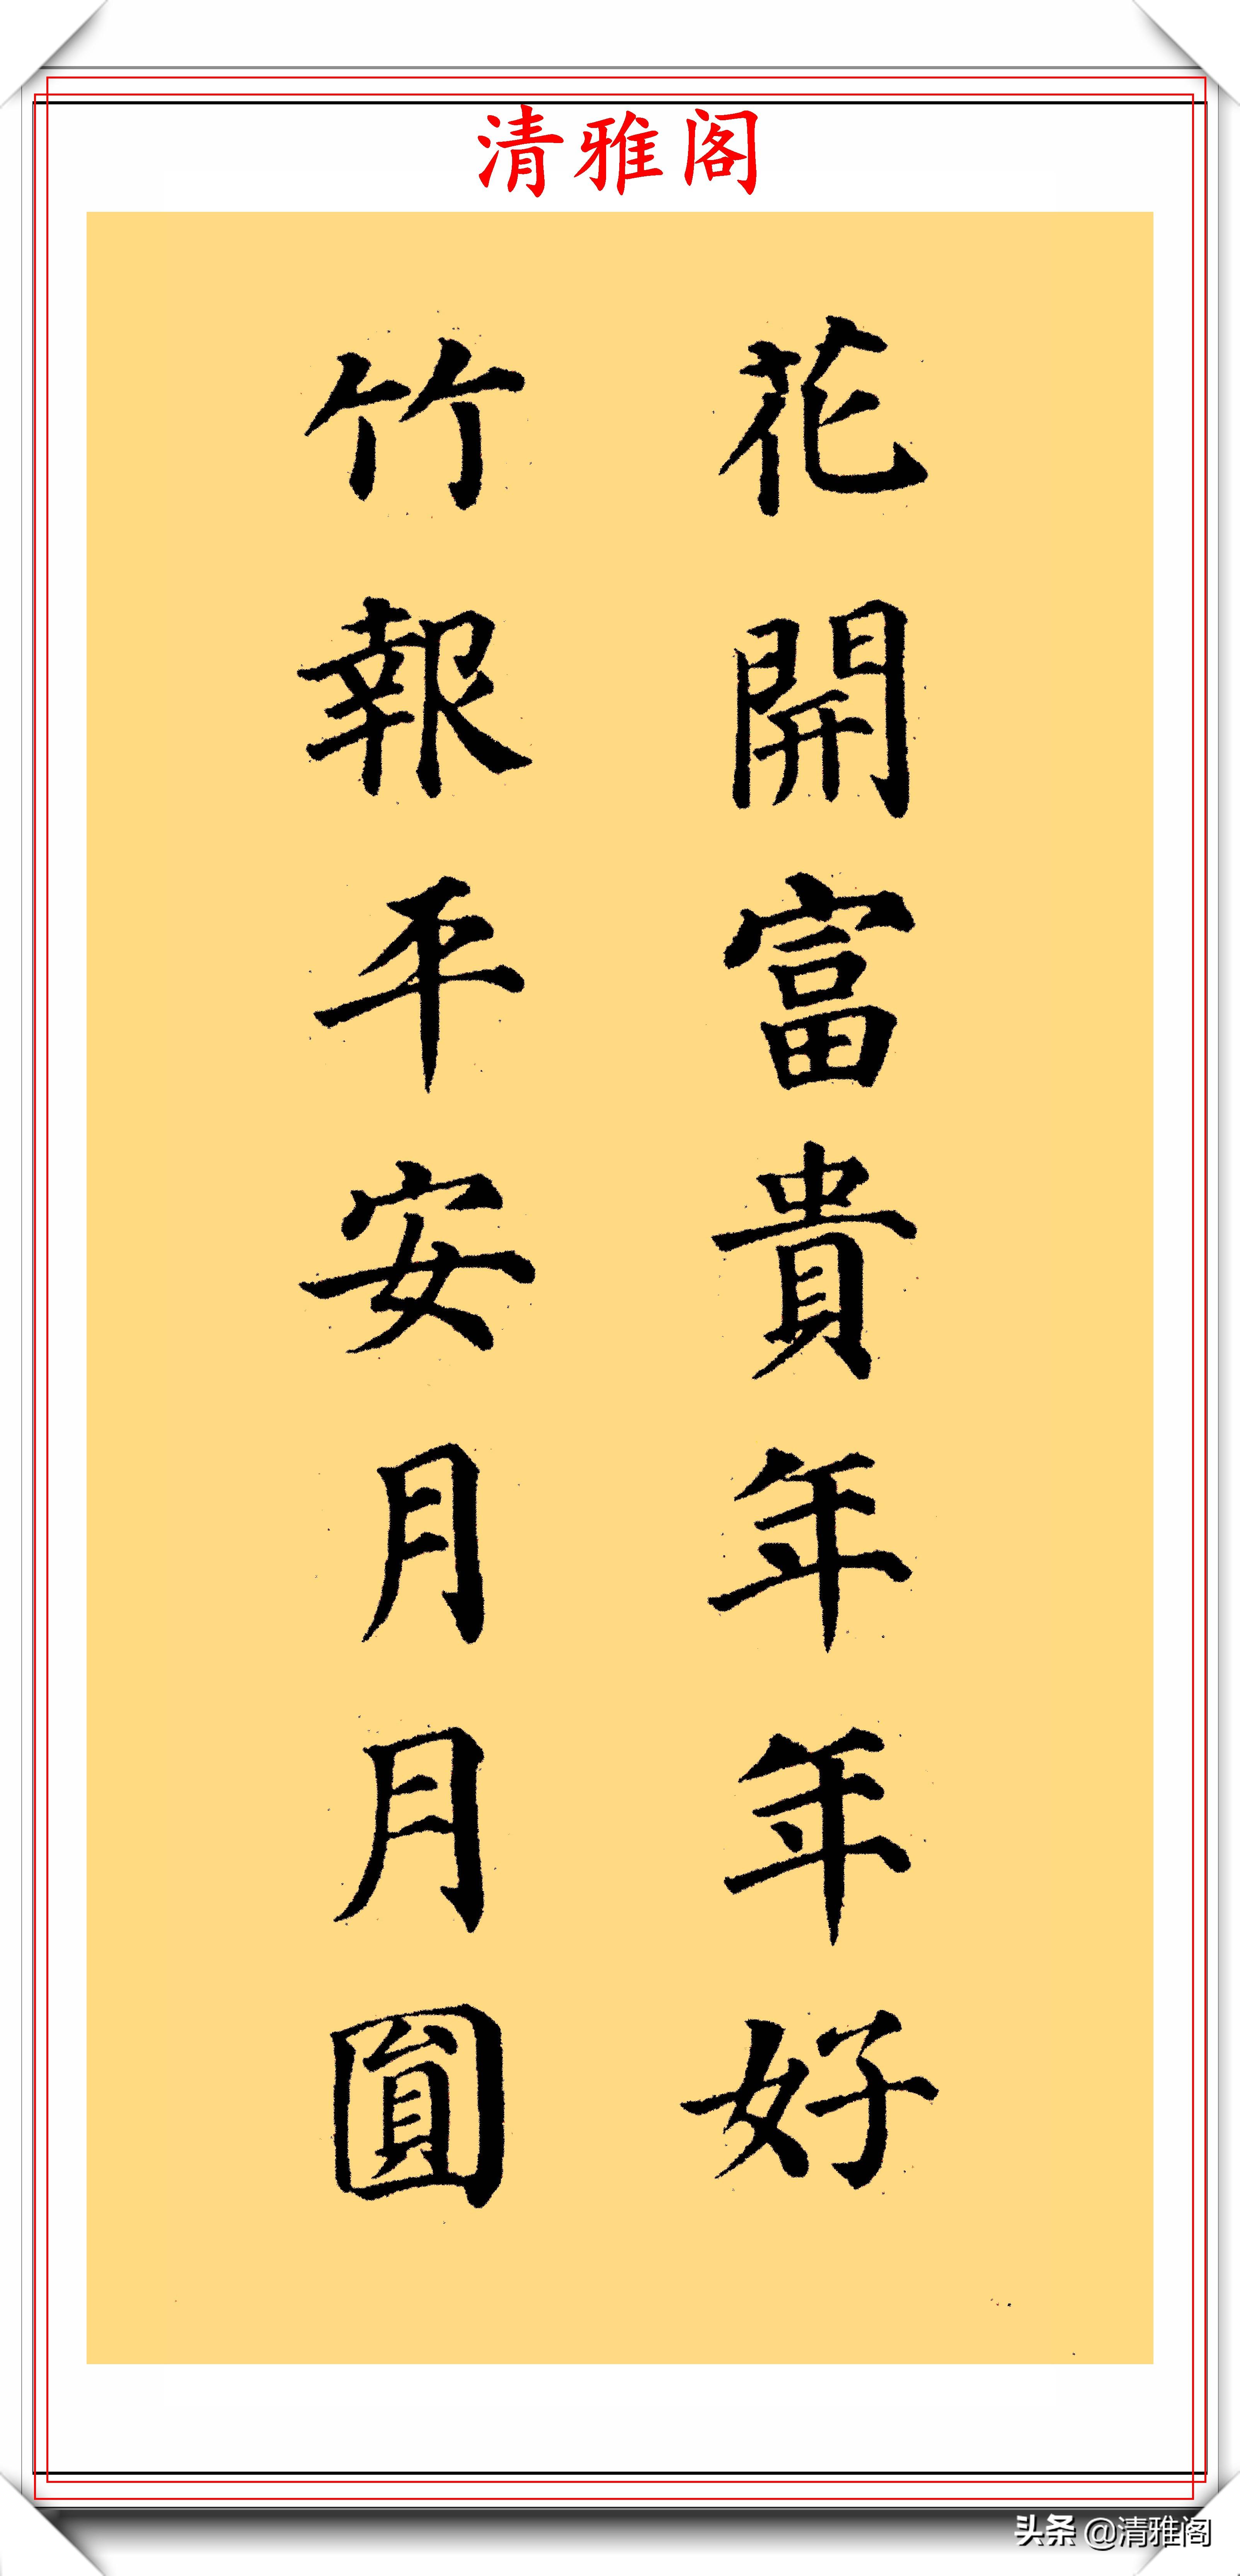 颜体楷书集字书法作品欣赏,运笔劲健,结体秀逸,网友:可做字帖